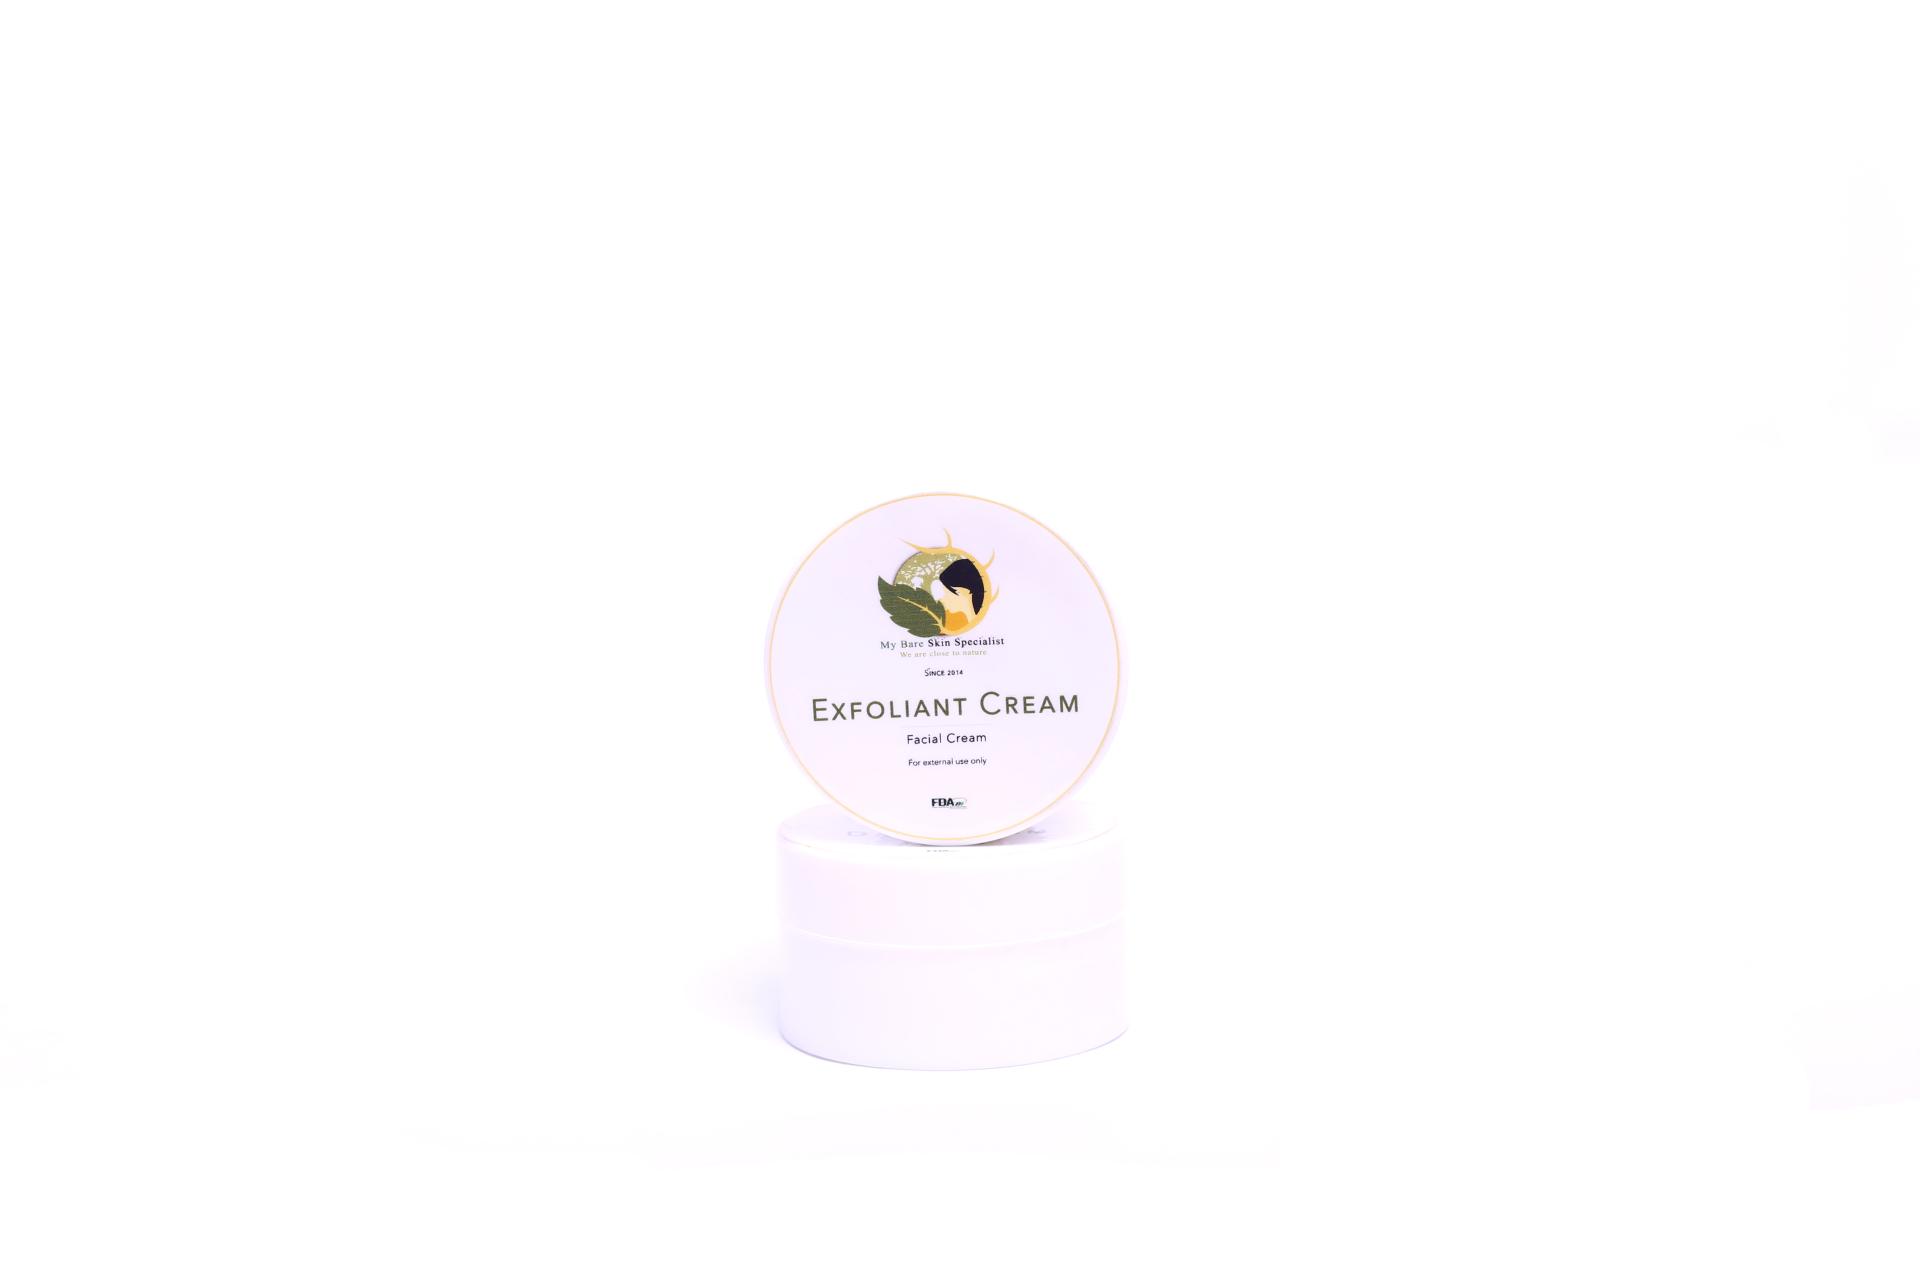 Exfoliant Cream